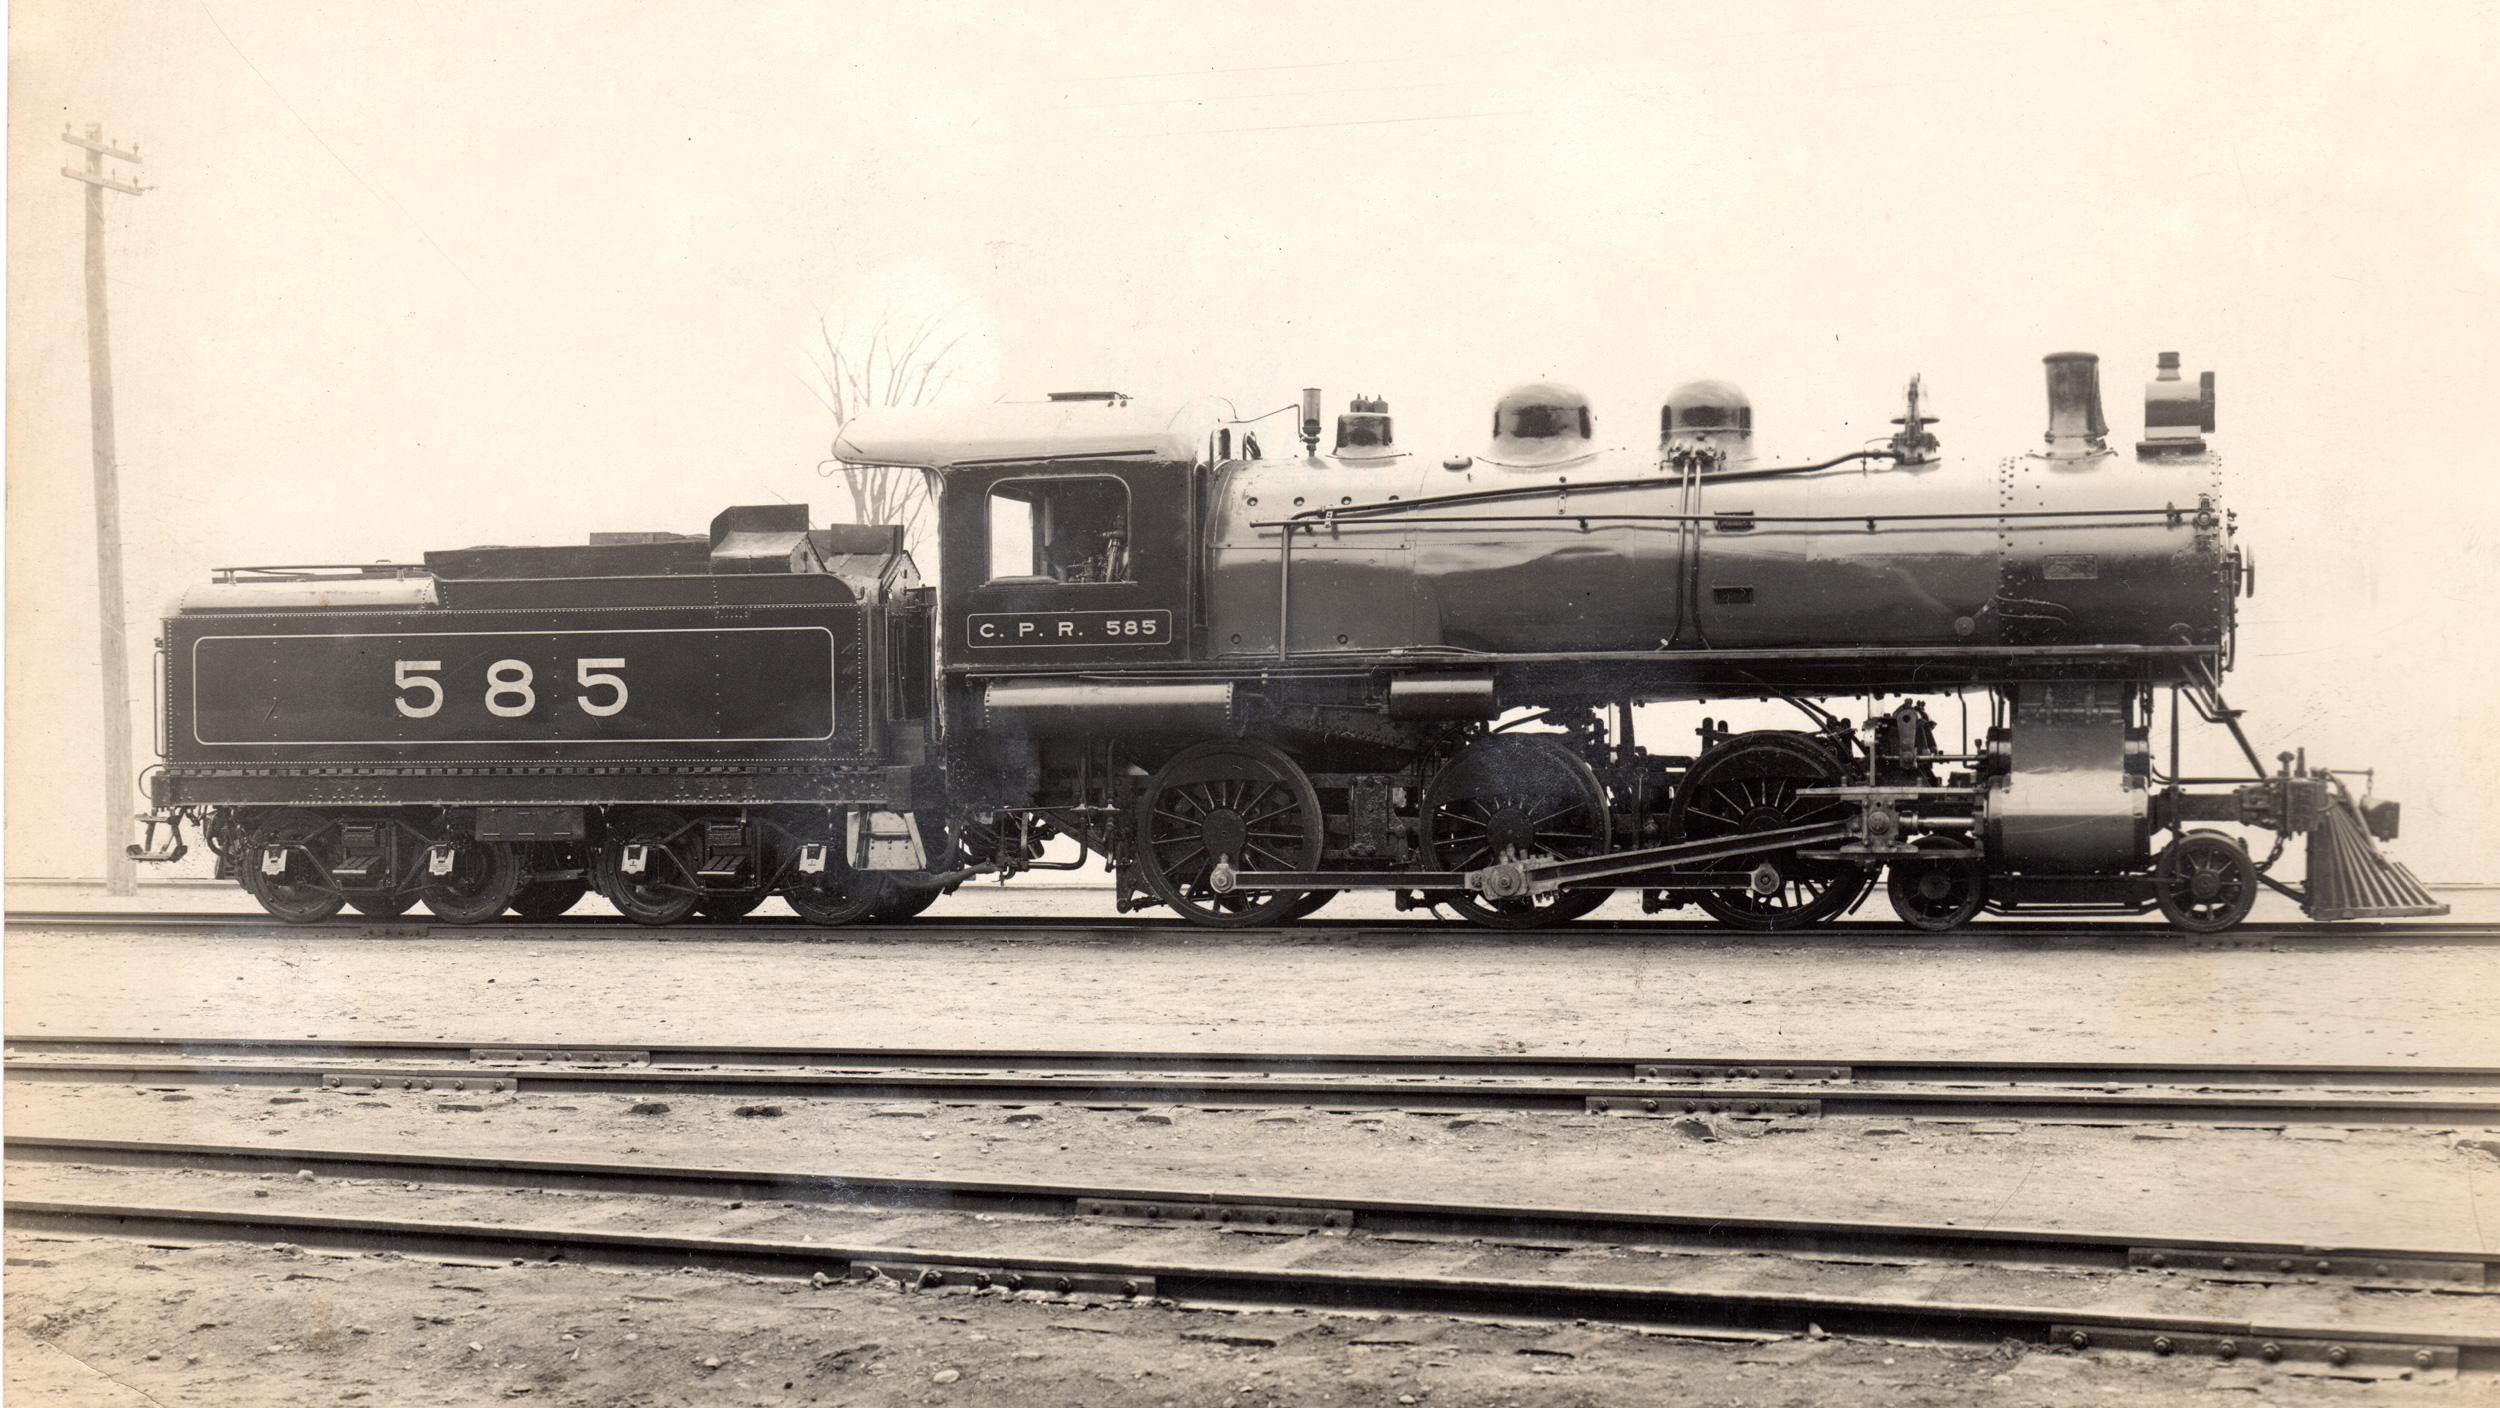 Original Antique Prints of Railroads, Trains, Bridges, Canals, etc.